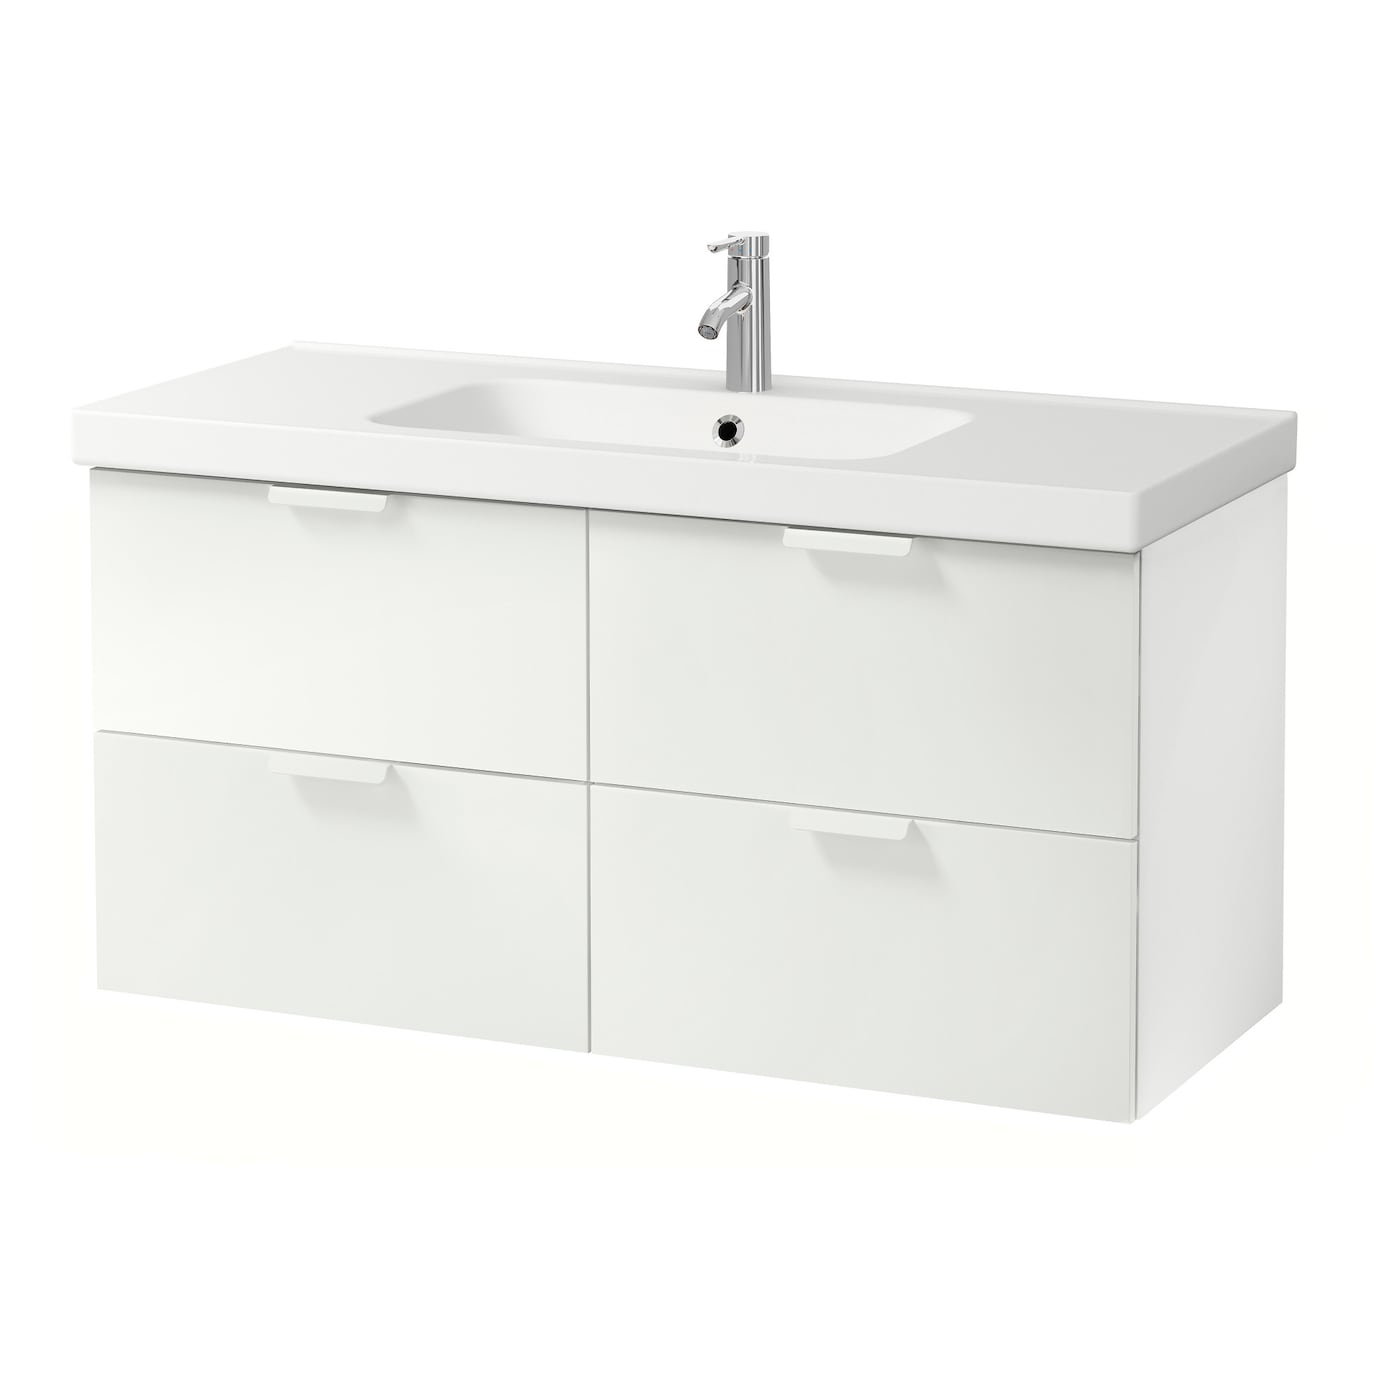 Odensvik godmorgon armario lavabo 4cajones blanco 123 x 49 x 64 cm ikea - Armario lavabo ikea ...